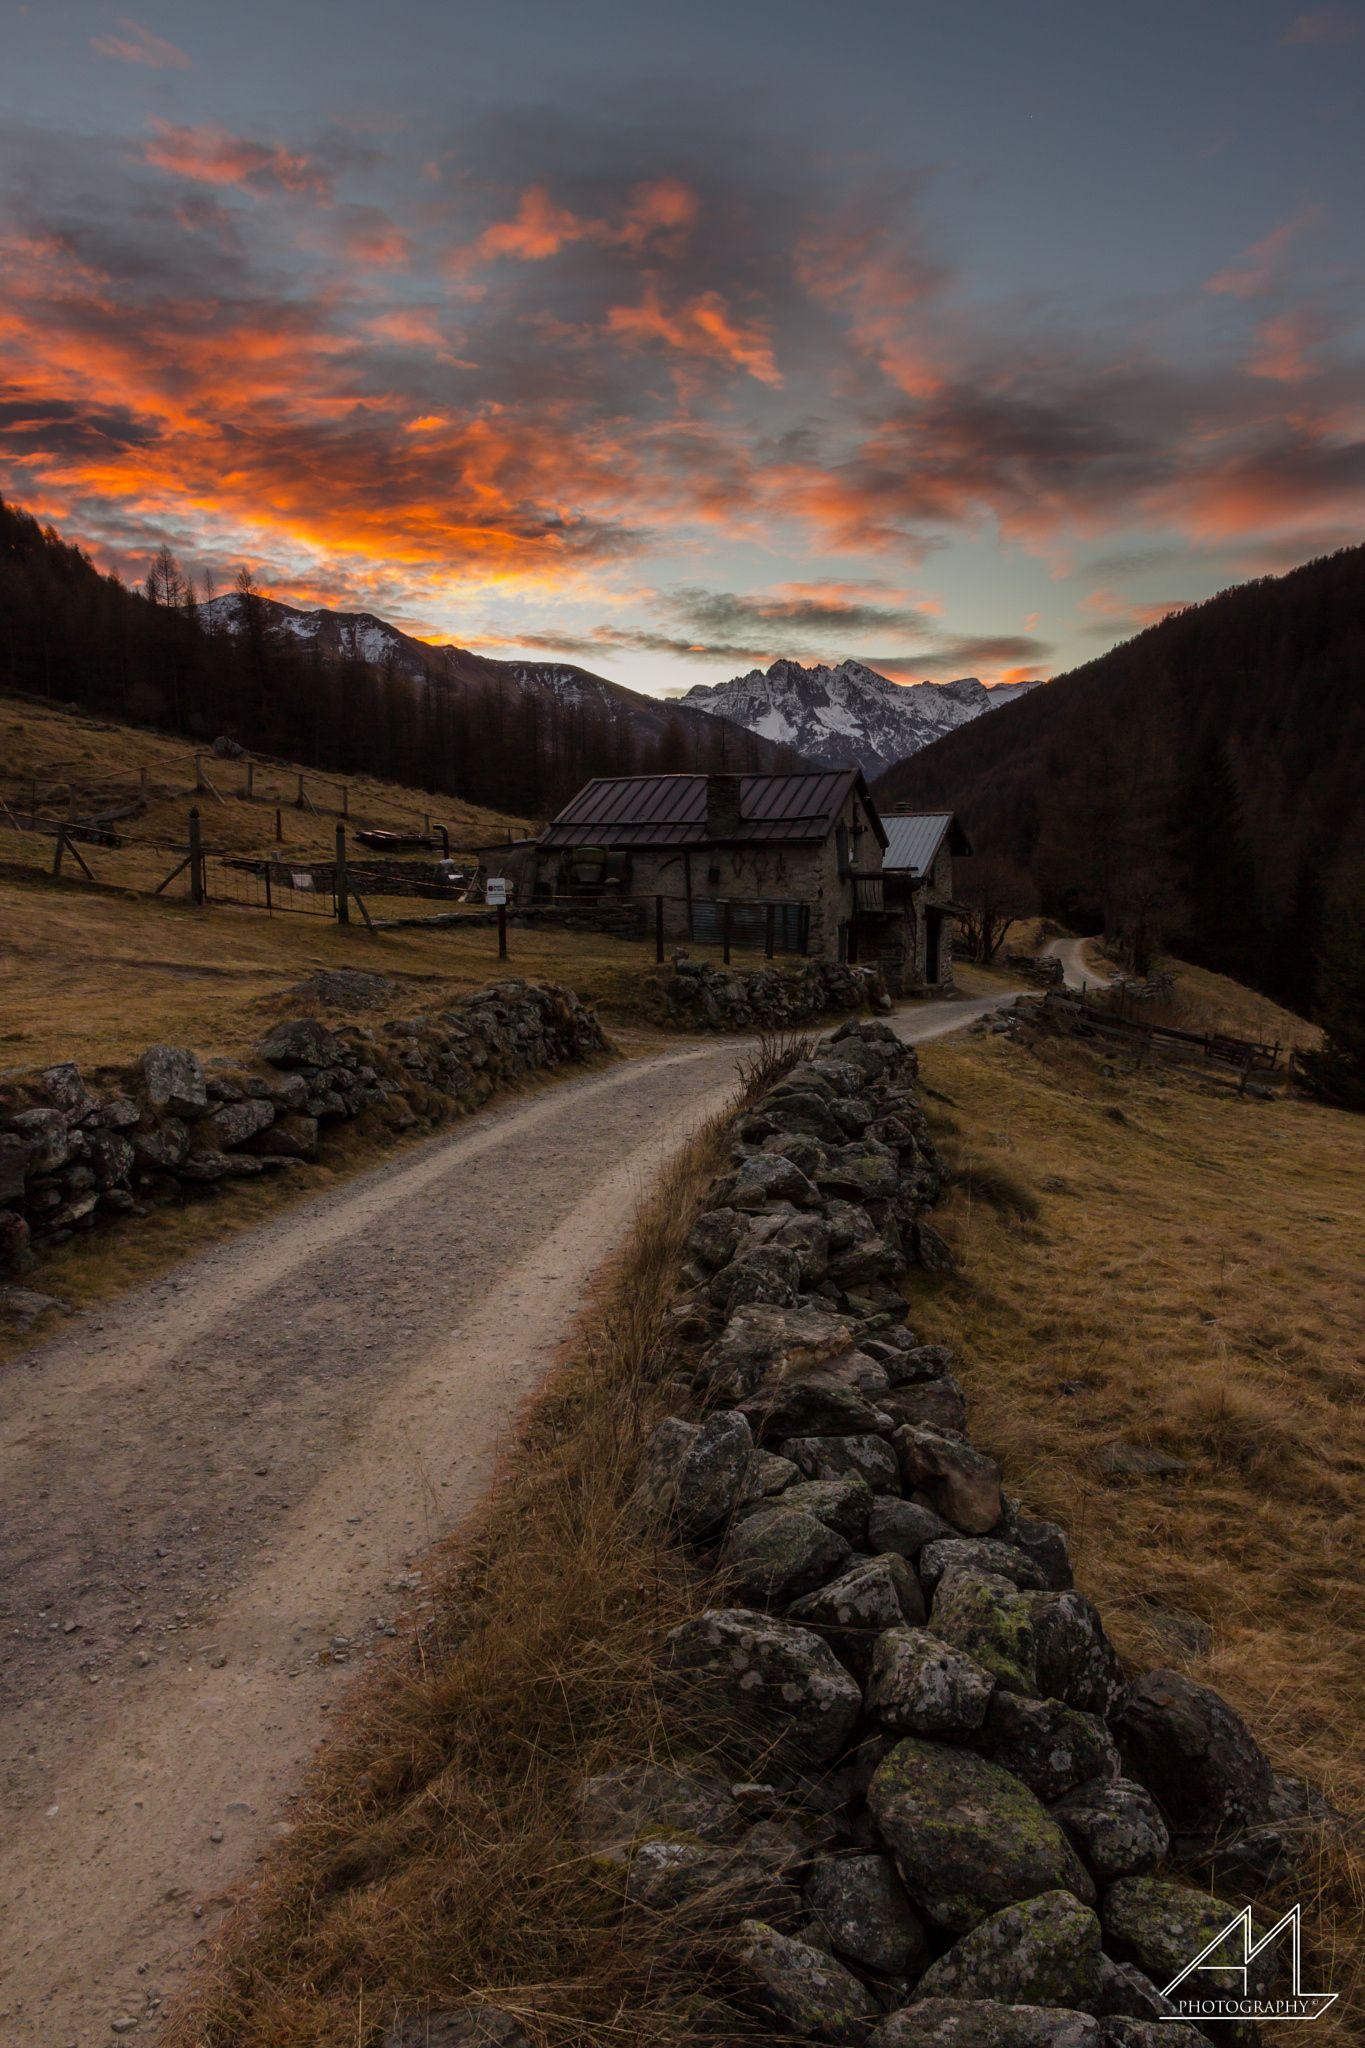 Road to the Sunrise - A fiery dawn lights over mountains Castellaccio - Stelvio National Park, Italy.  Un alba infuocata si accende sopra le montagne del Castellaccio - PN Stelvio, Ponte di Legno(BS).